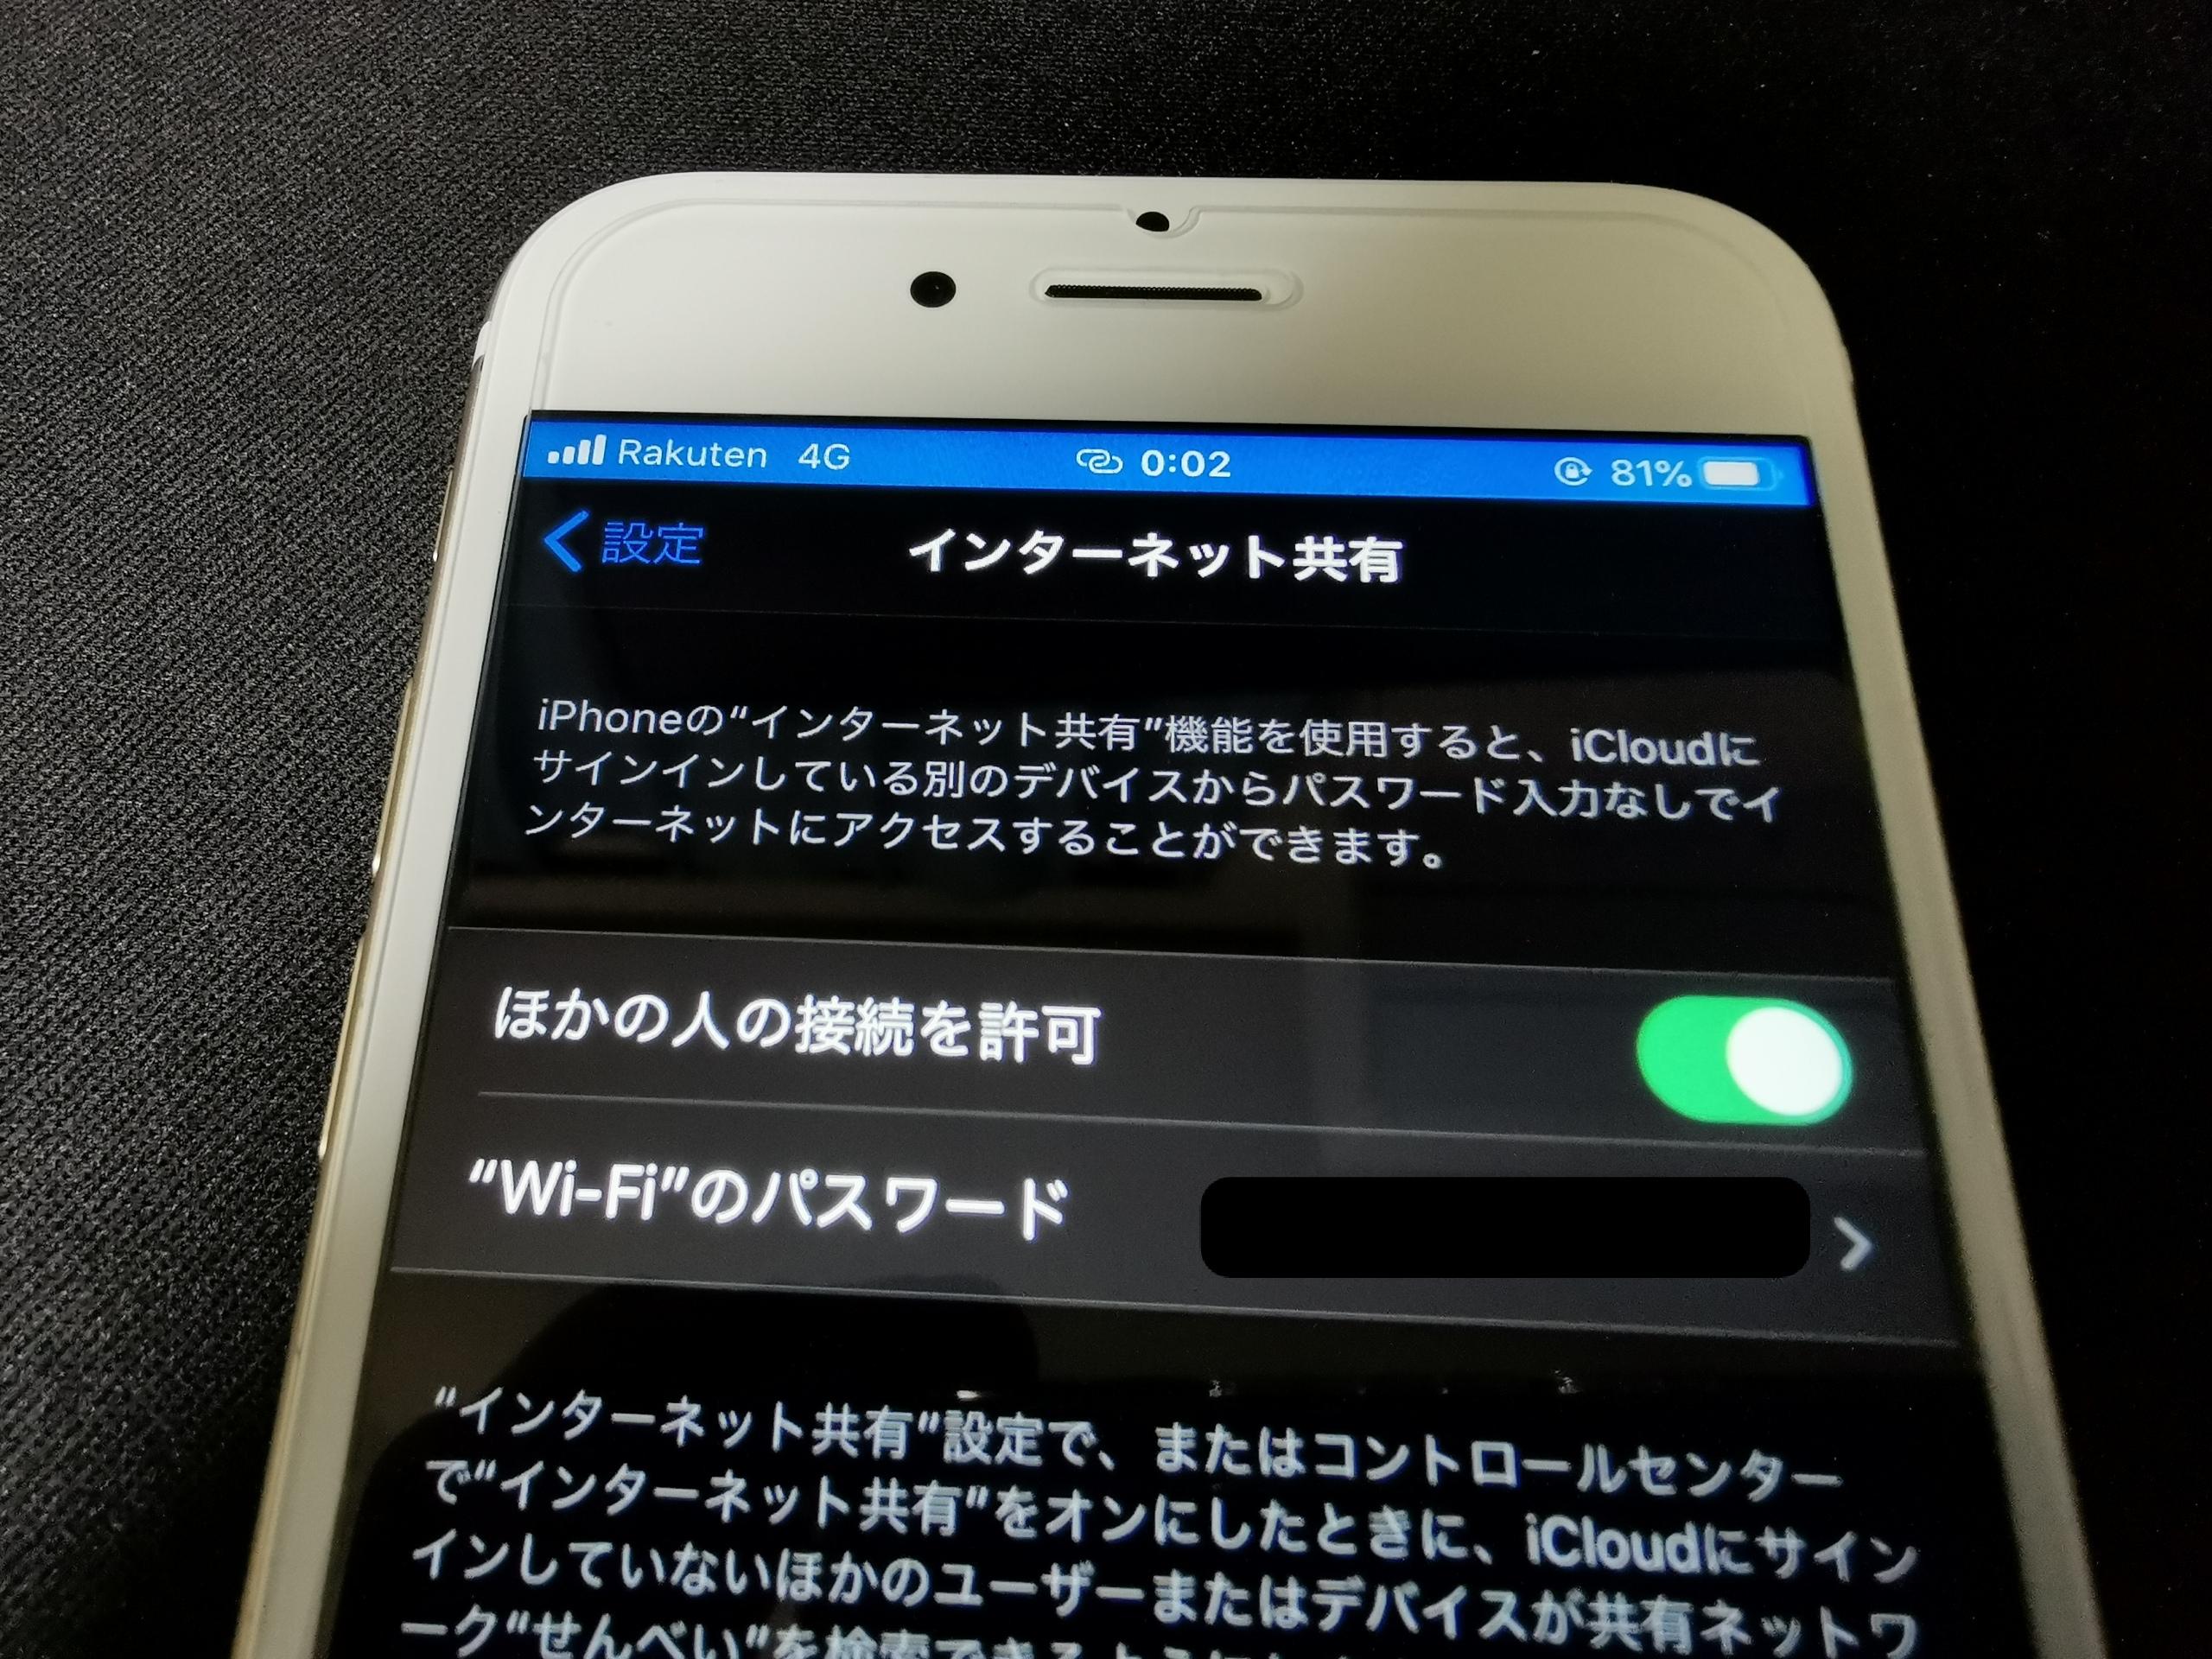 Un limit iphone 楽天